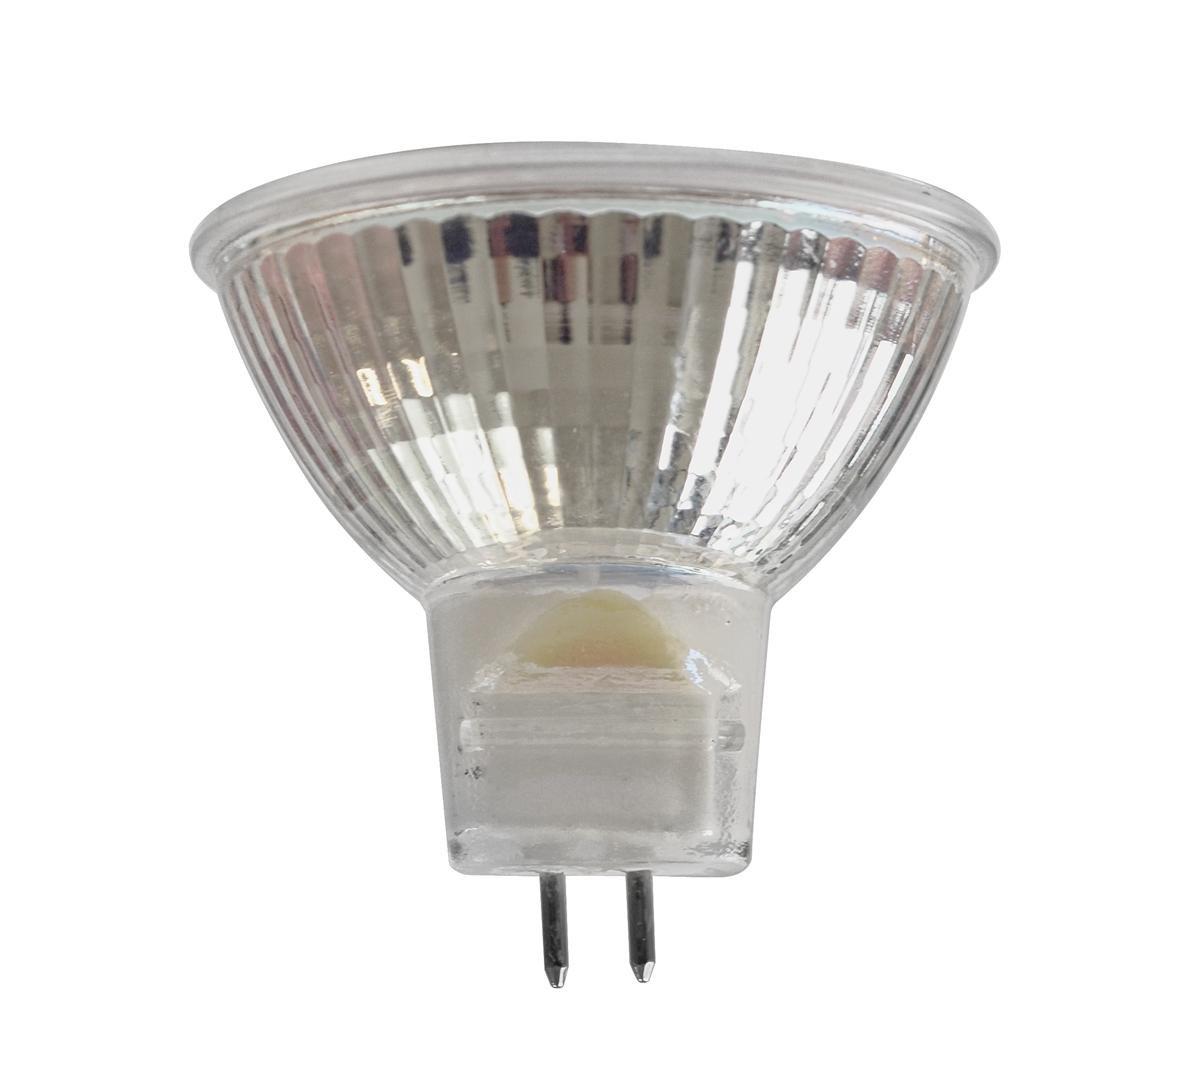 Segula 50626 LED Lens Reflektor MR16 4W